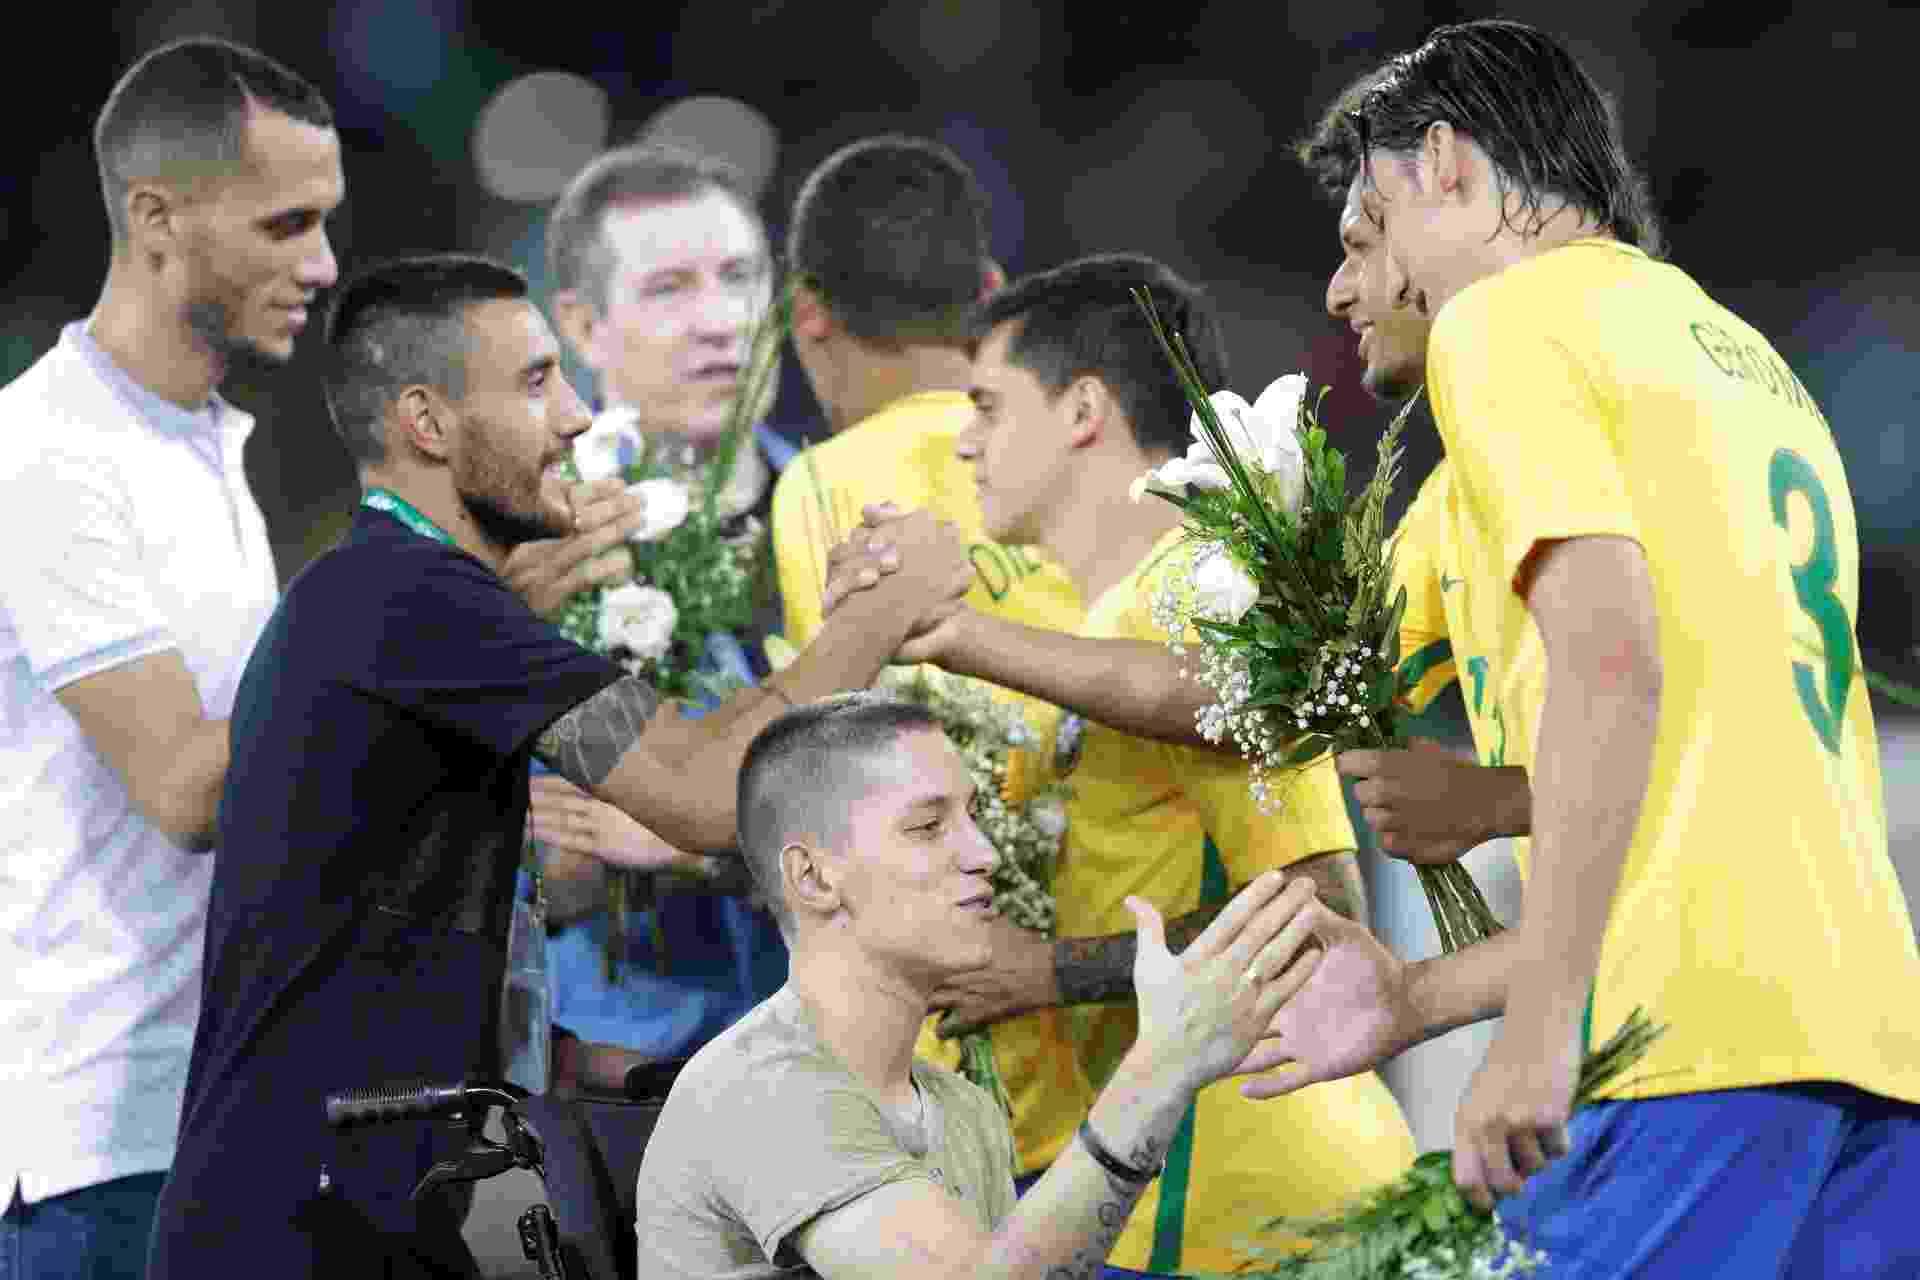 Sobreviventes do acidente, Neto, Alan Ruschel e Folmann cumprimentam jogadores da seleção brasileira - REUTERS/Ueslei Marcelino